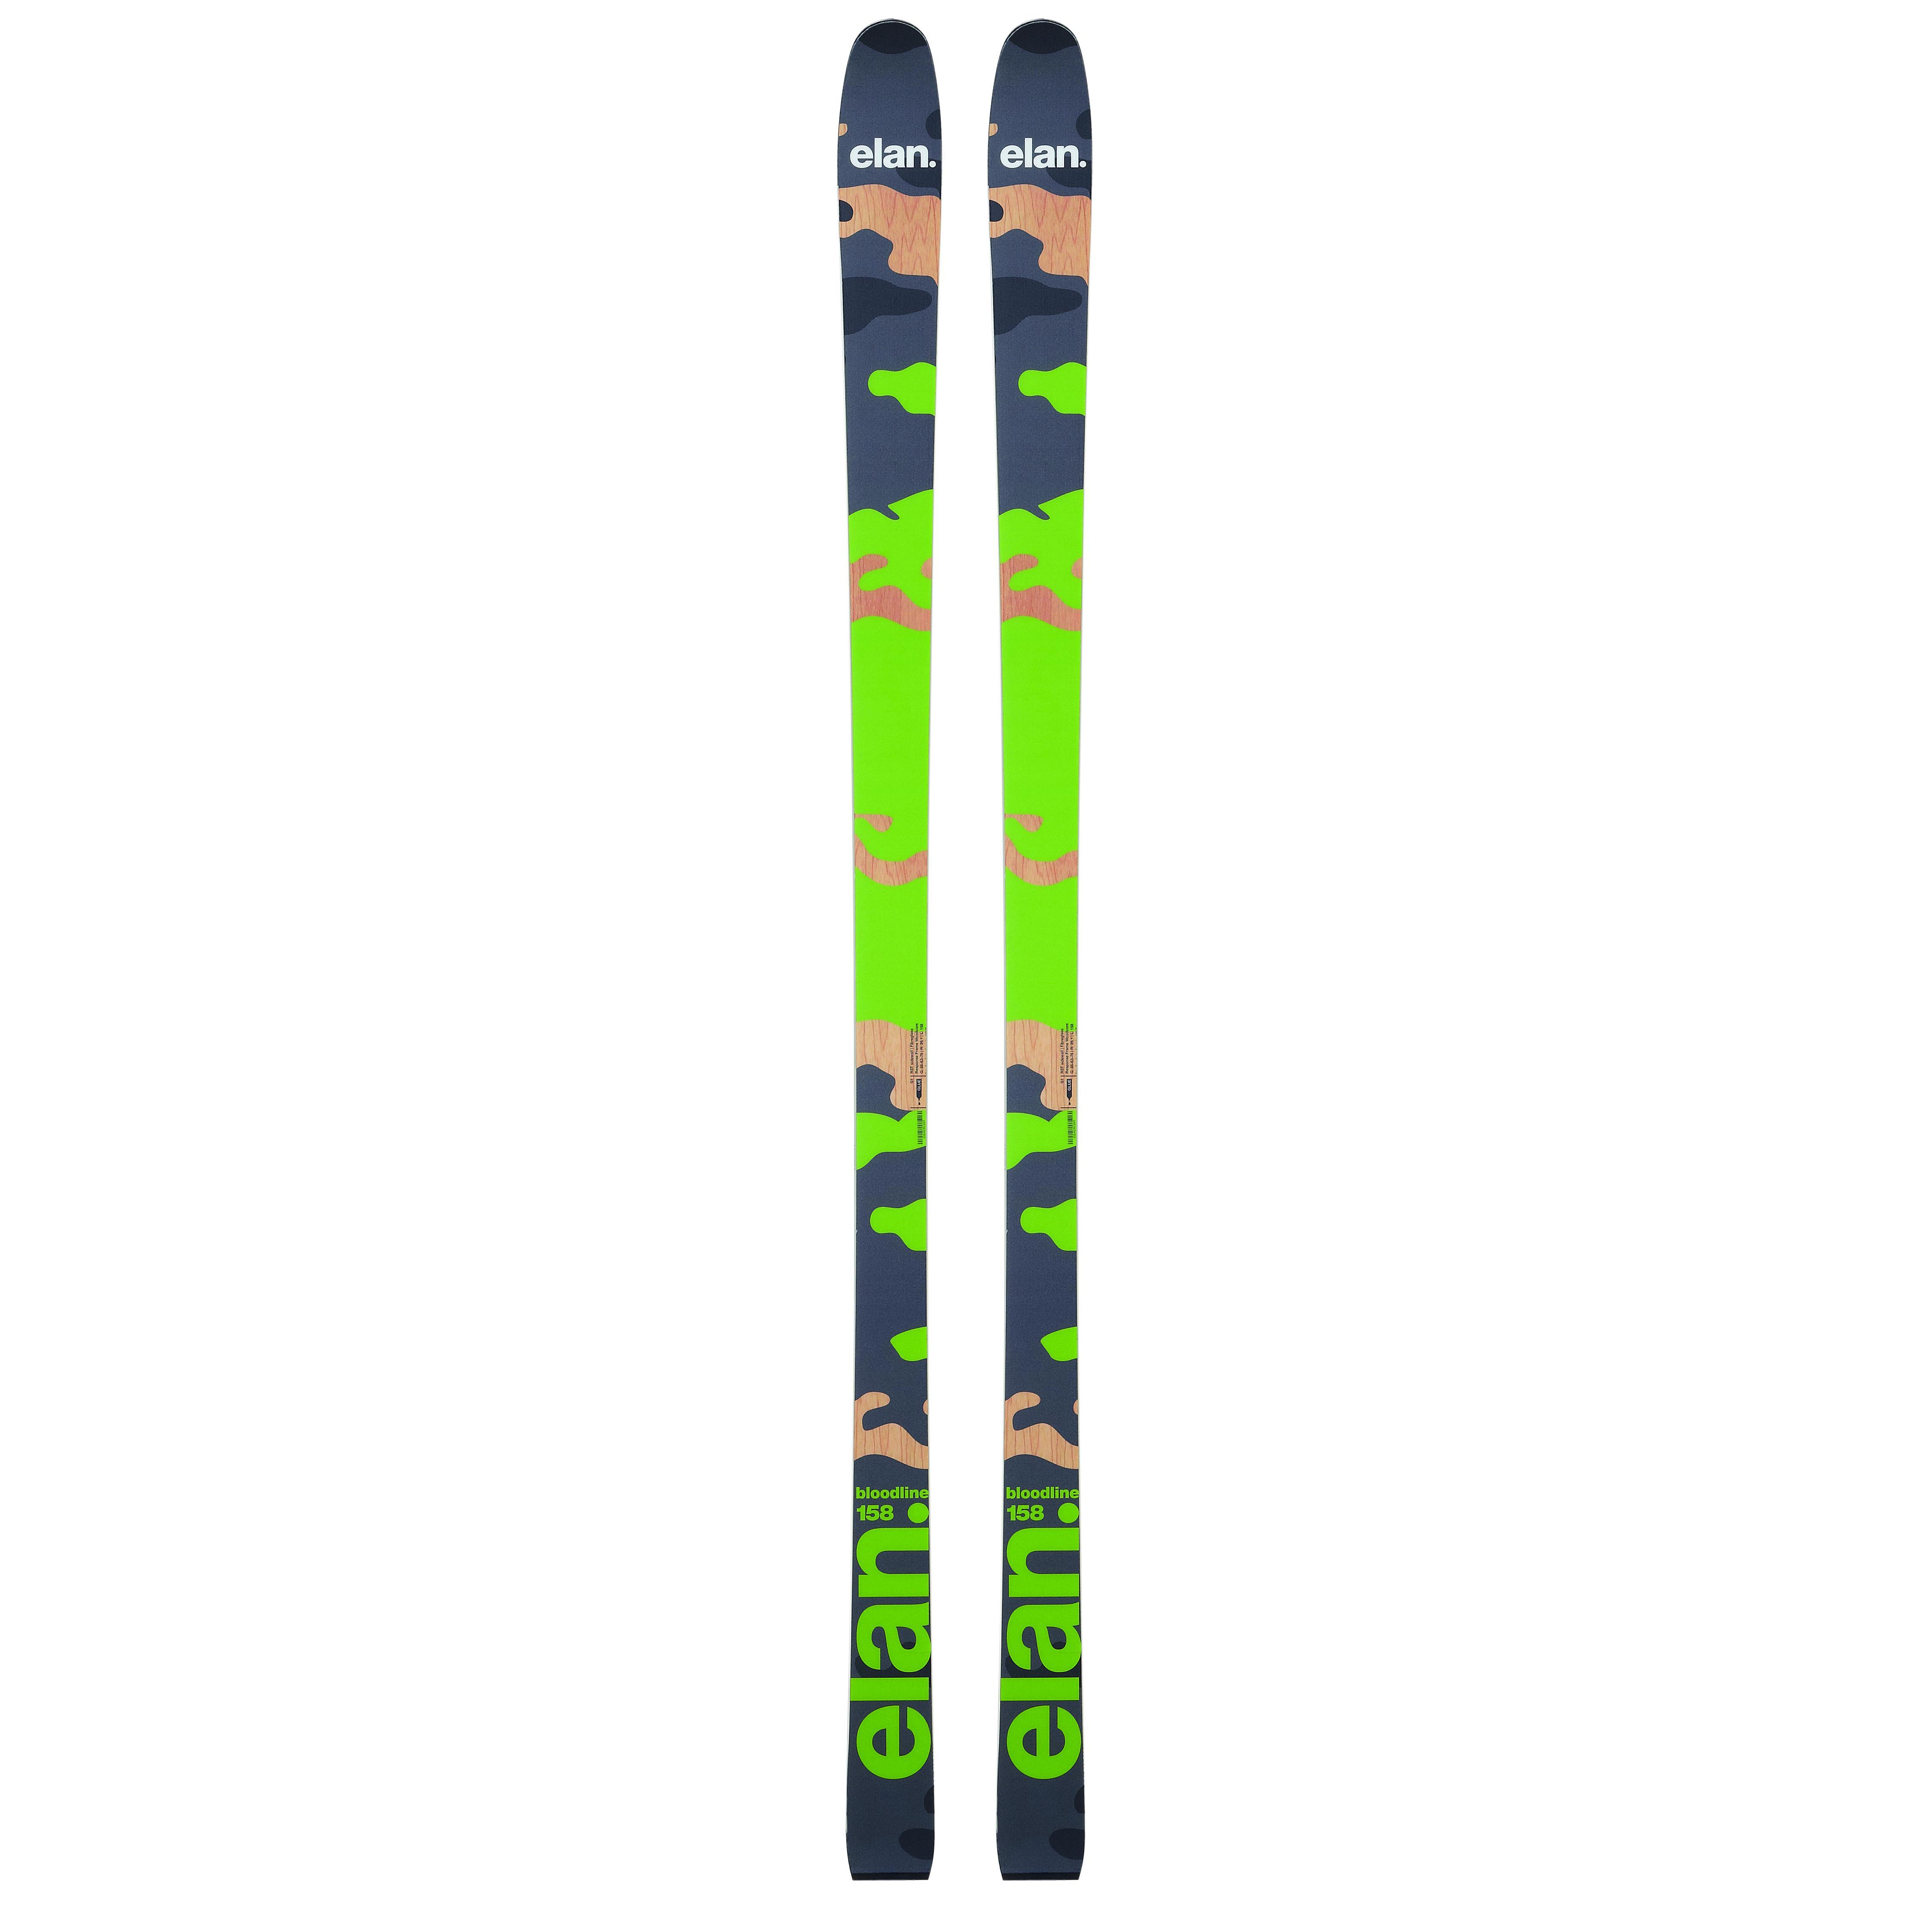 Горные лыжи Elan 2016-17 BLOODLINE (125, 141), лыжи, 1196126  - купить со скидкой